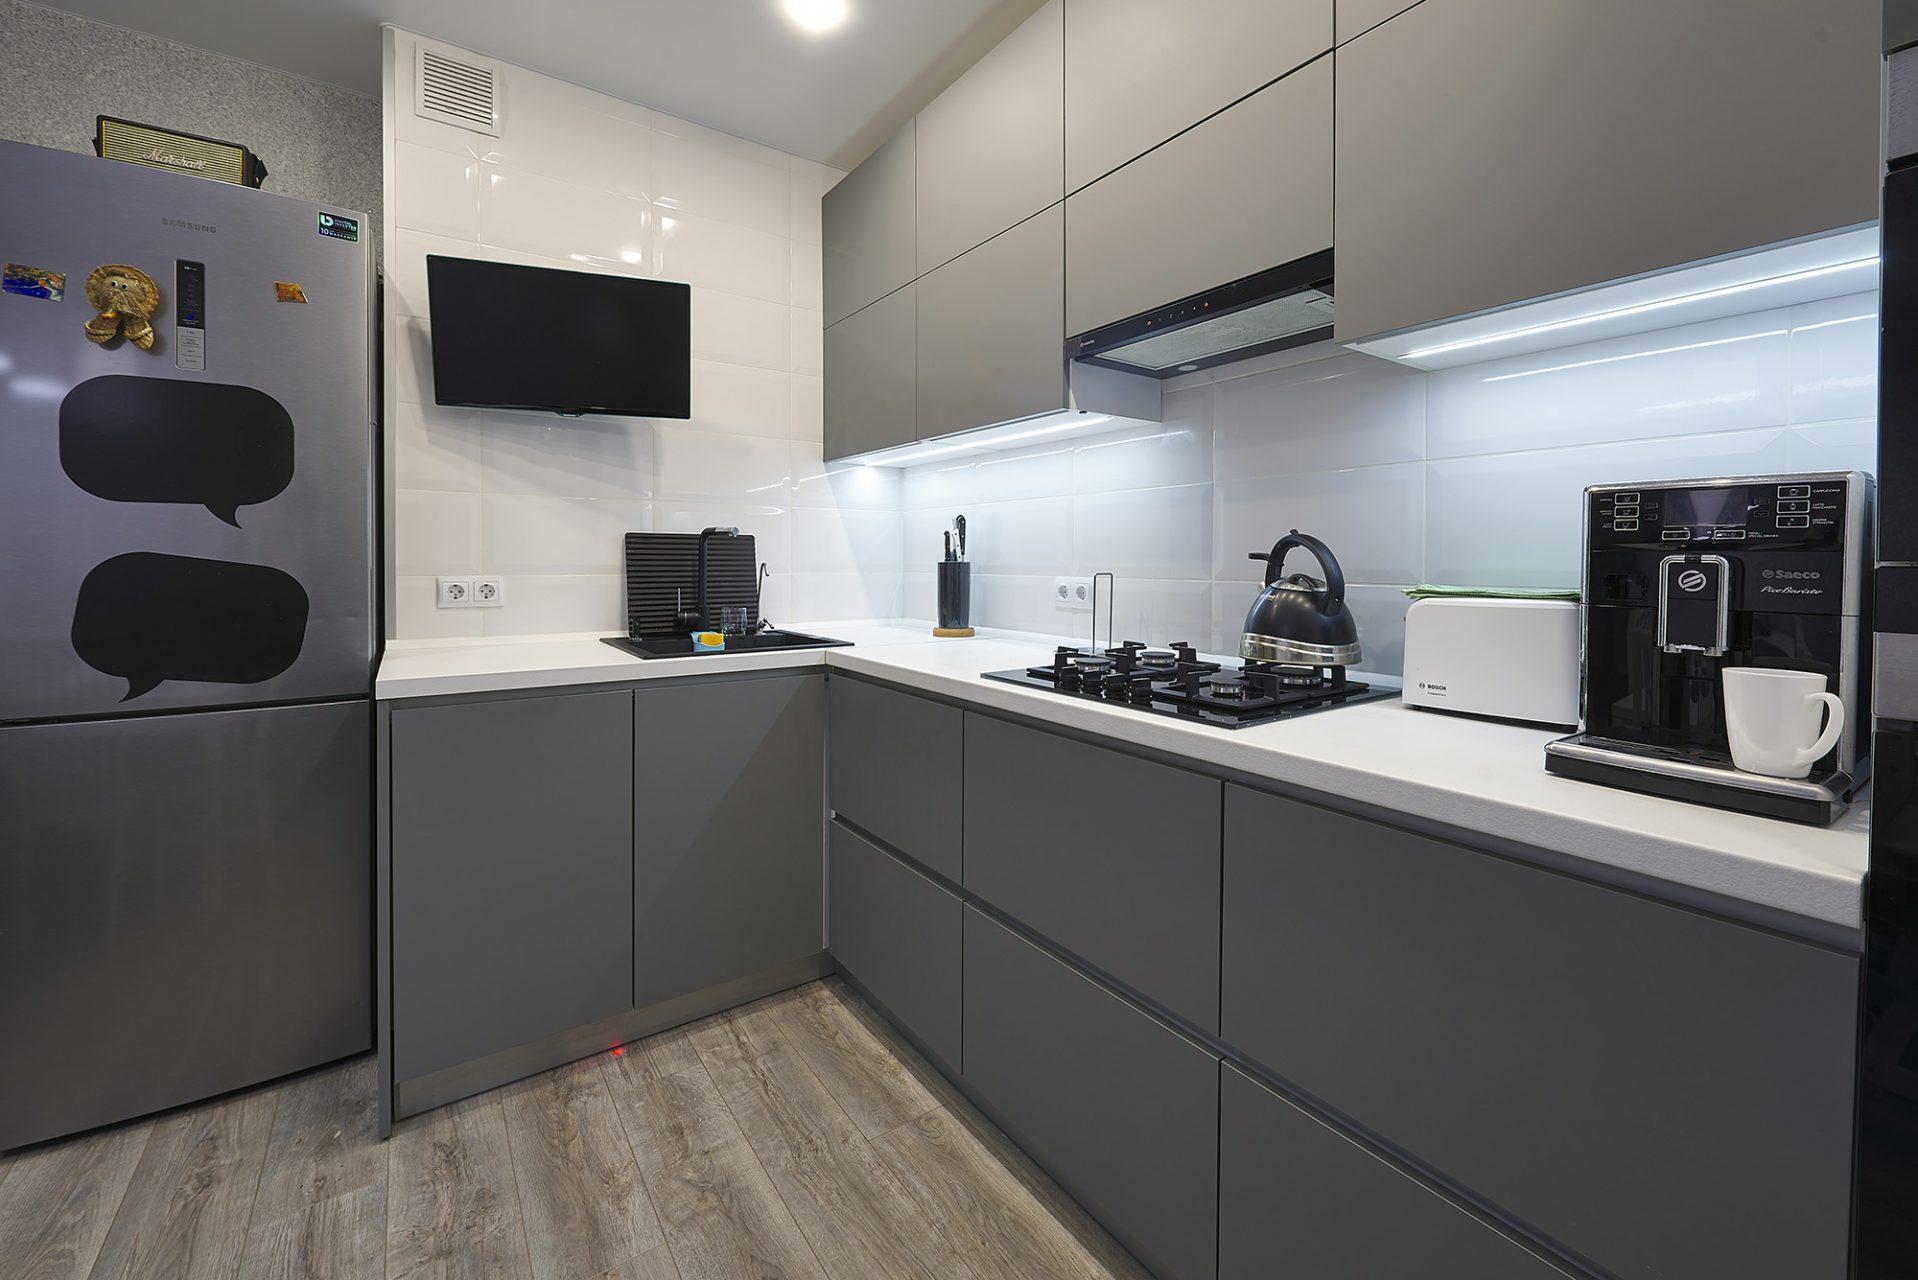 002_interior_kitchen5_korneychikeu